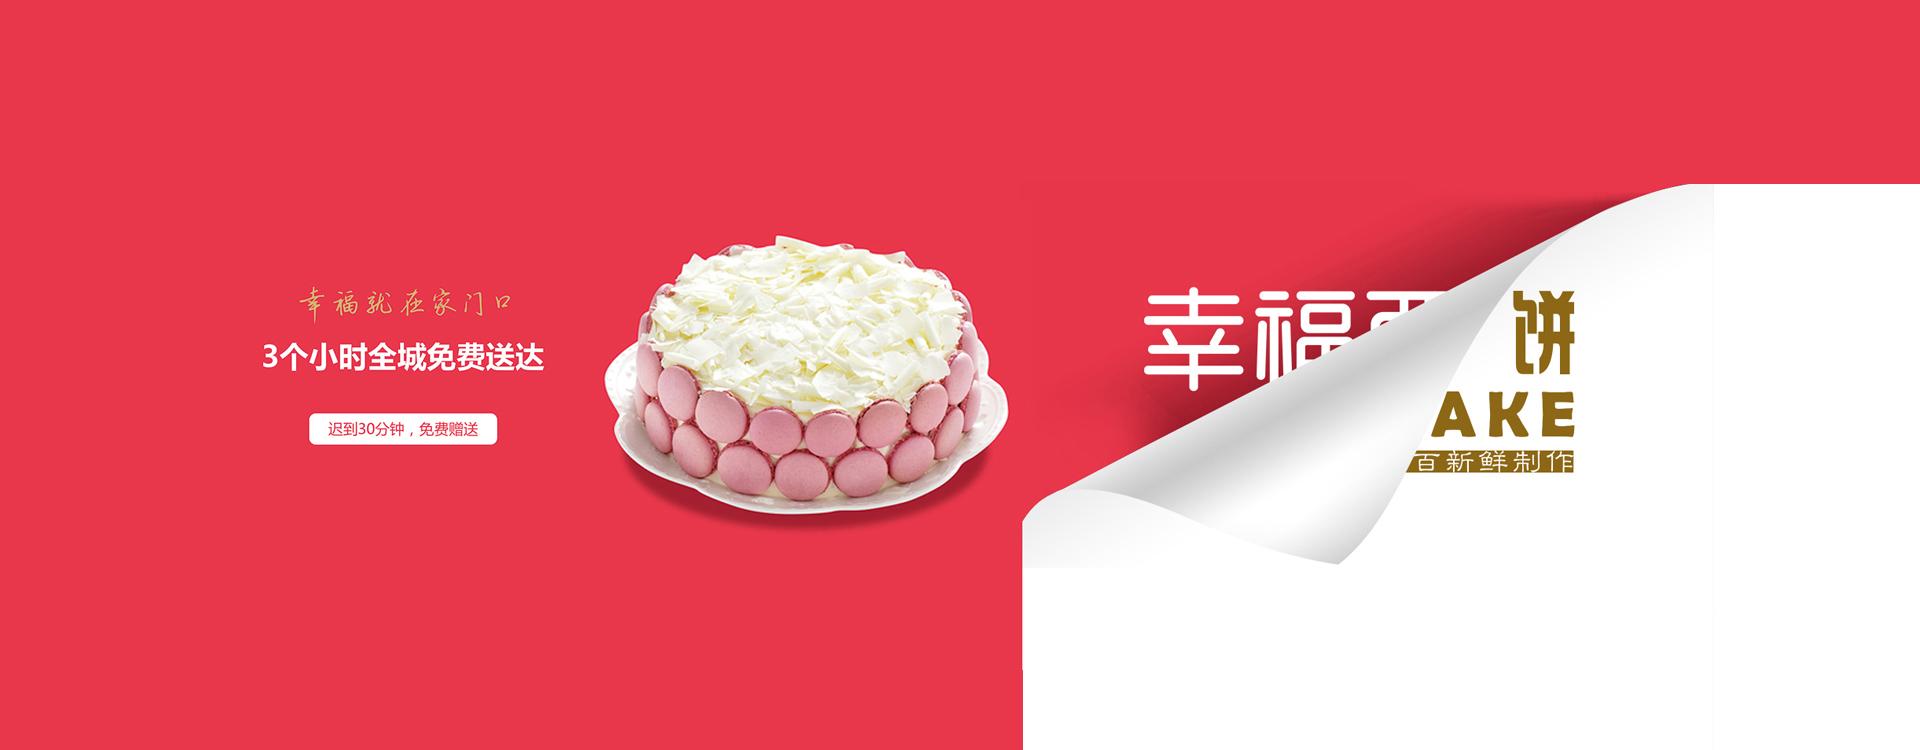 幸福西饼-糕点VI设计